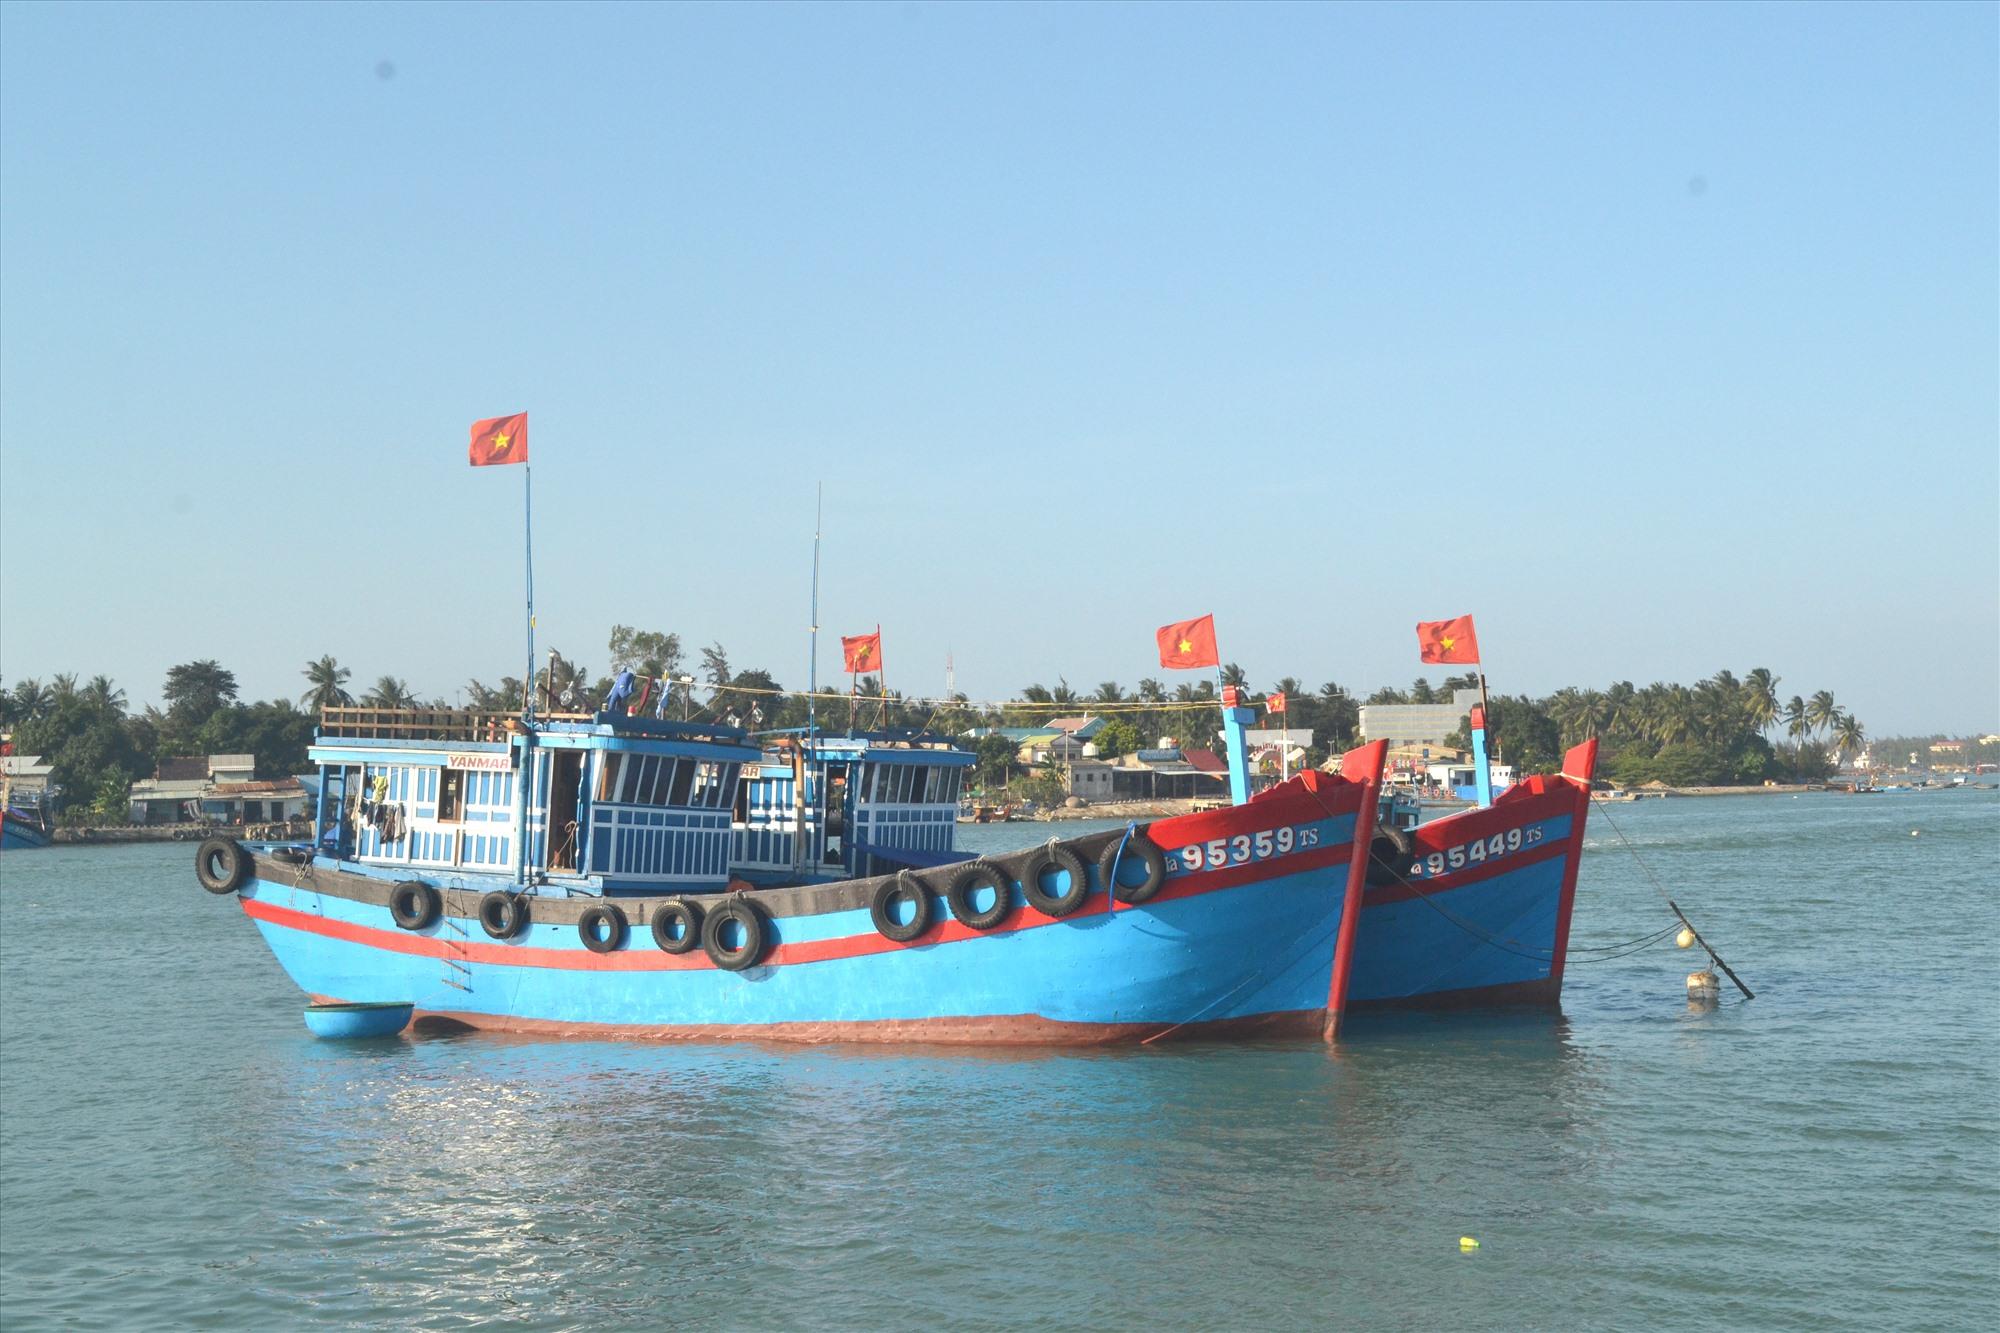 Tàu cá neo đậu không an toàn trên sông Trường Giang nếu có bão vào. Ảnh: VIỆT NGUYỄN